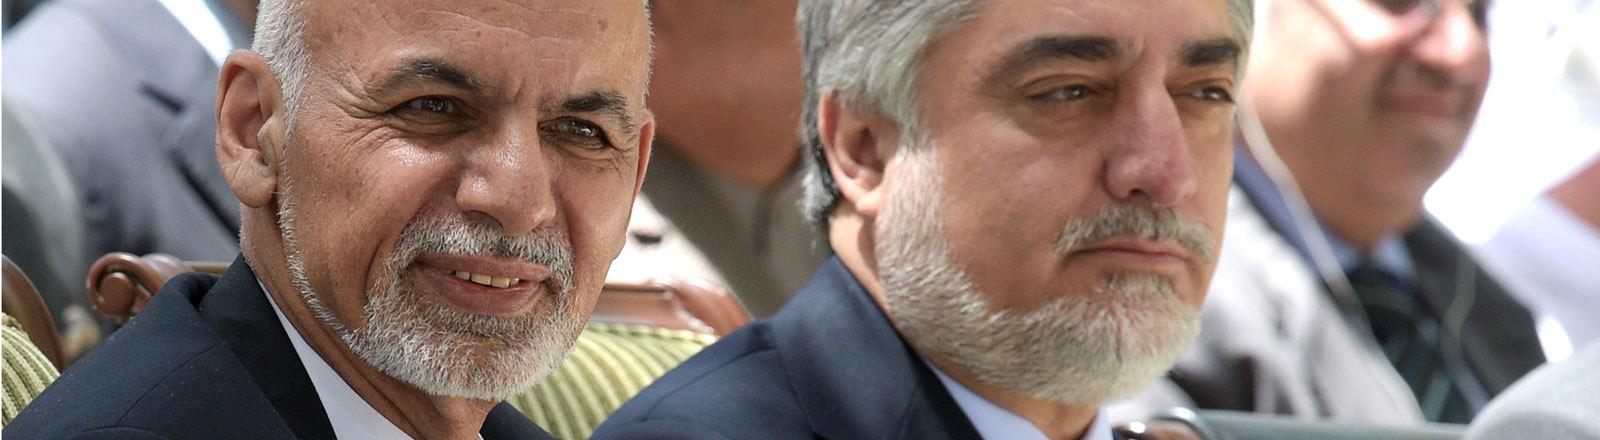 Der afghanische Präsident Ashraf Ghani (l) und der afghanische Regierungschef Abdullah Abdullah sitzen nebeneinander bei einem Empfang in Kabul (30.08.2015)